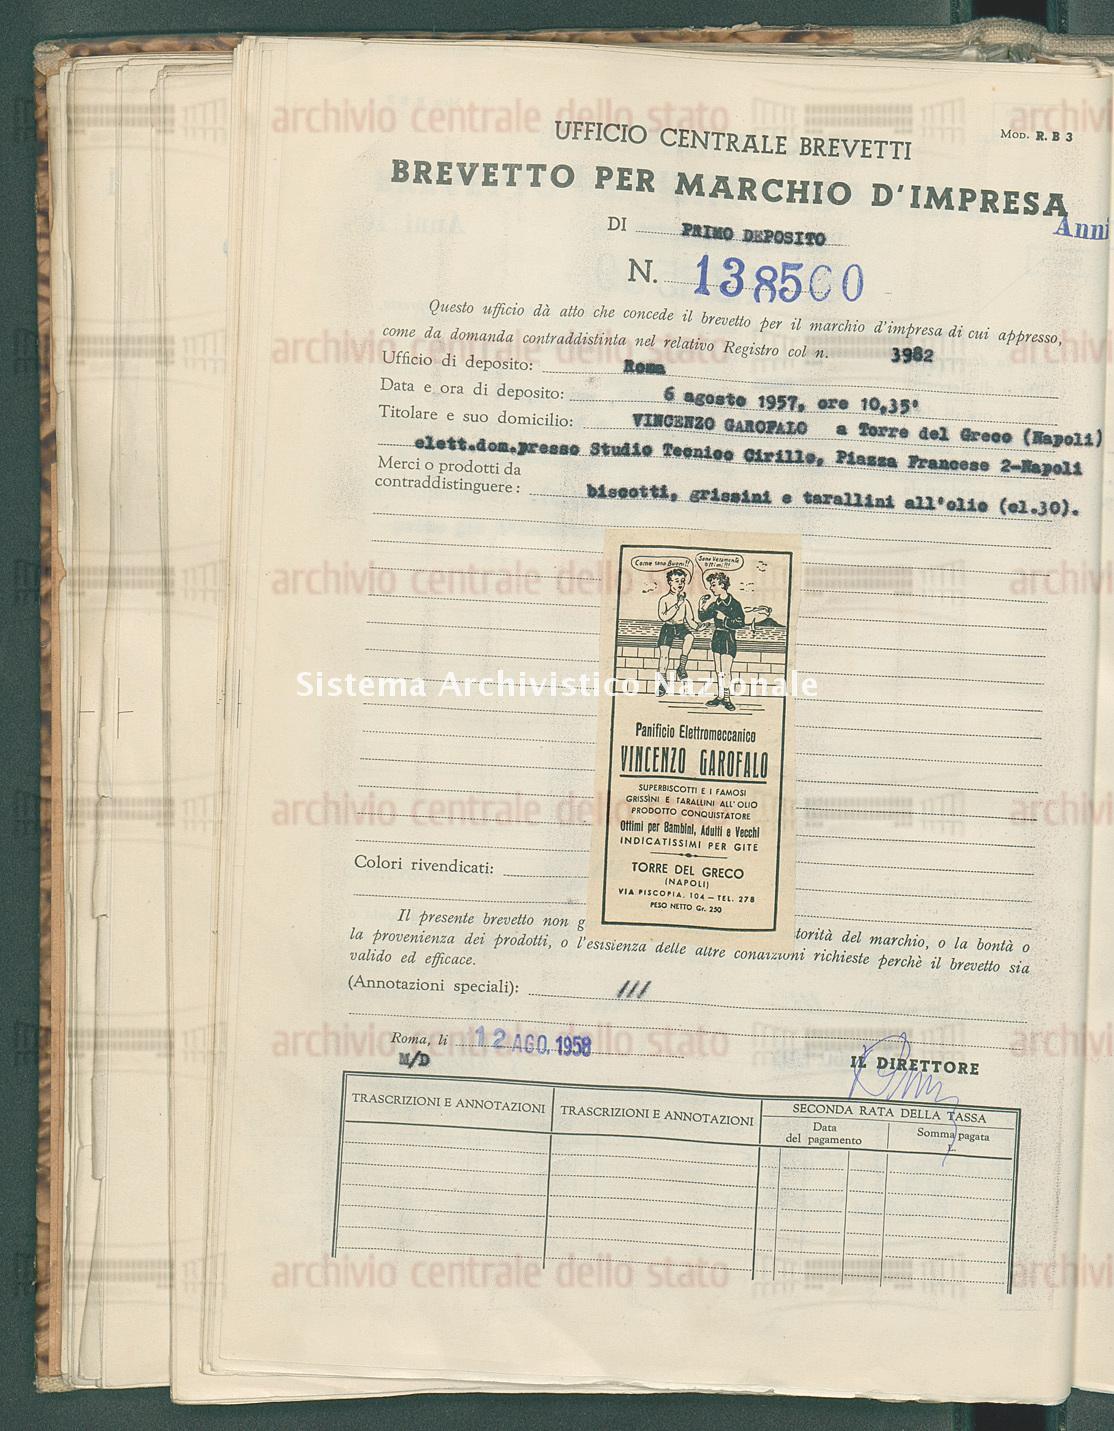 Biscotti, grissini e tarallini all'olio Vincenzo Garofalo (12/08/1958)